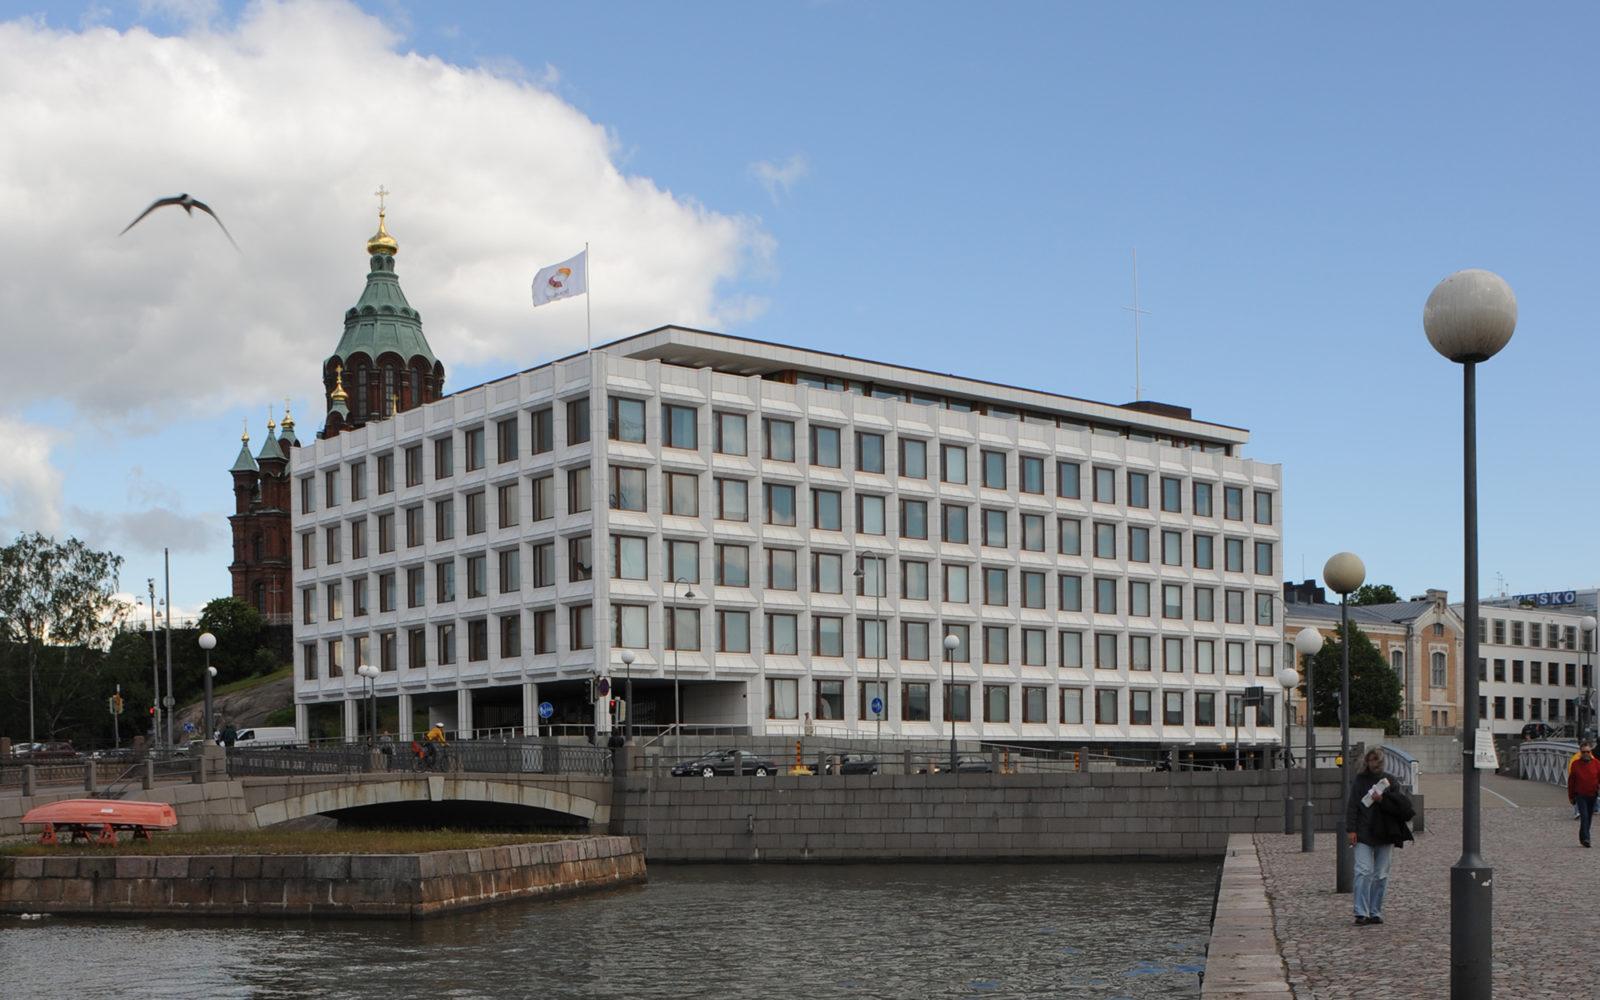 Enso-Gutzeitin pääkonttori, Helsinki. Kuva: Maija Holma, Alvar Aalto -säätiö